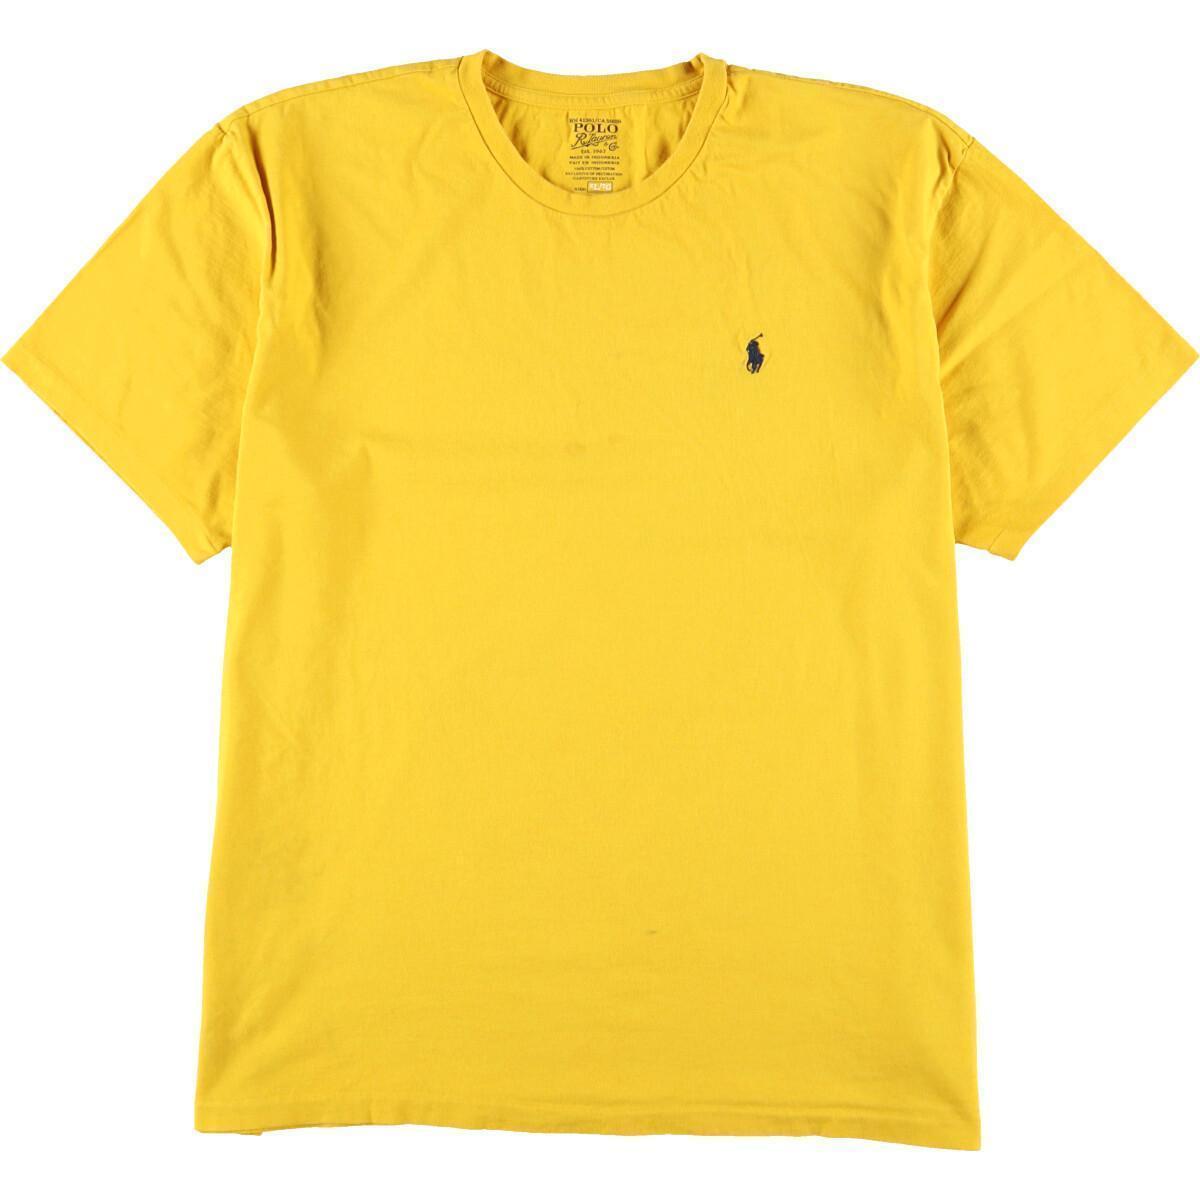 ラルフローレン Ralph Lauren POLO RALPH LAUREN 半袖 ワンポイントロゴTシャツ メンズXL /eaa159740_画像1